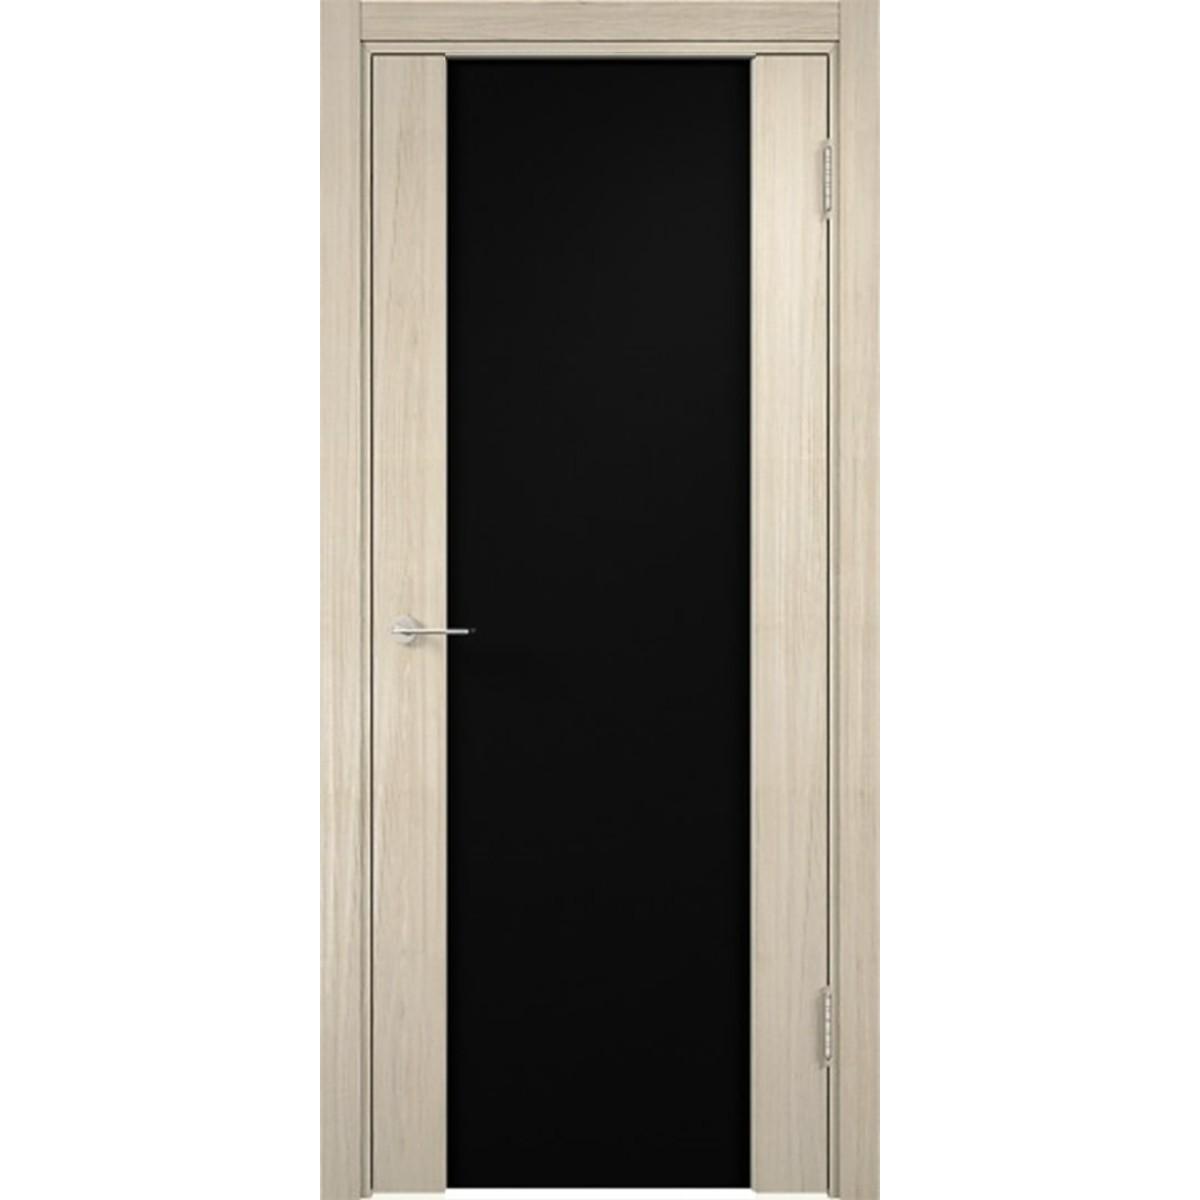 Дверное полотно Casaporte Сан-Ремо МП_0209 2000х800х44 мм МДФ